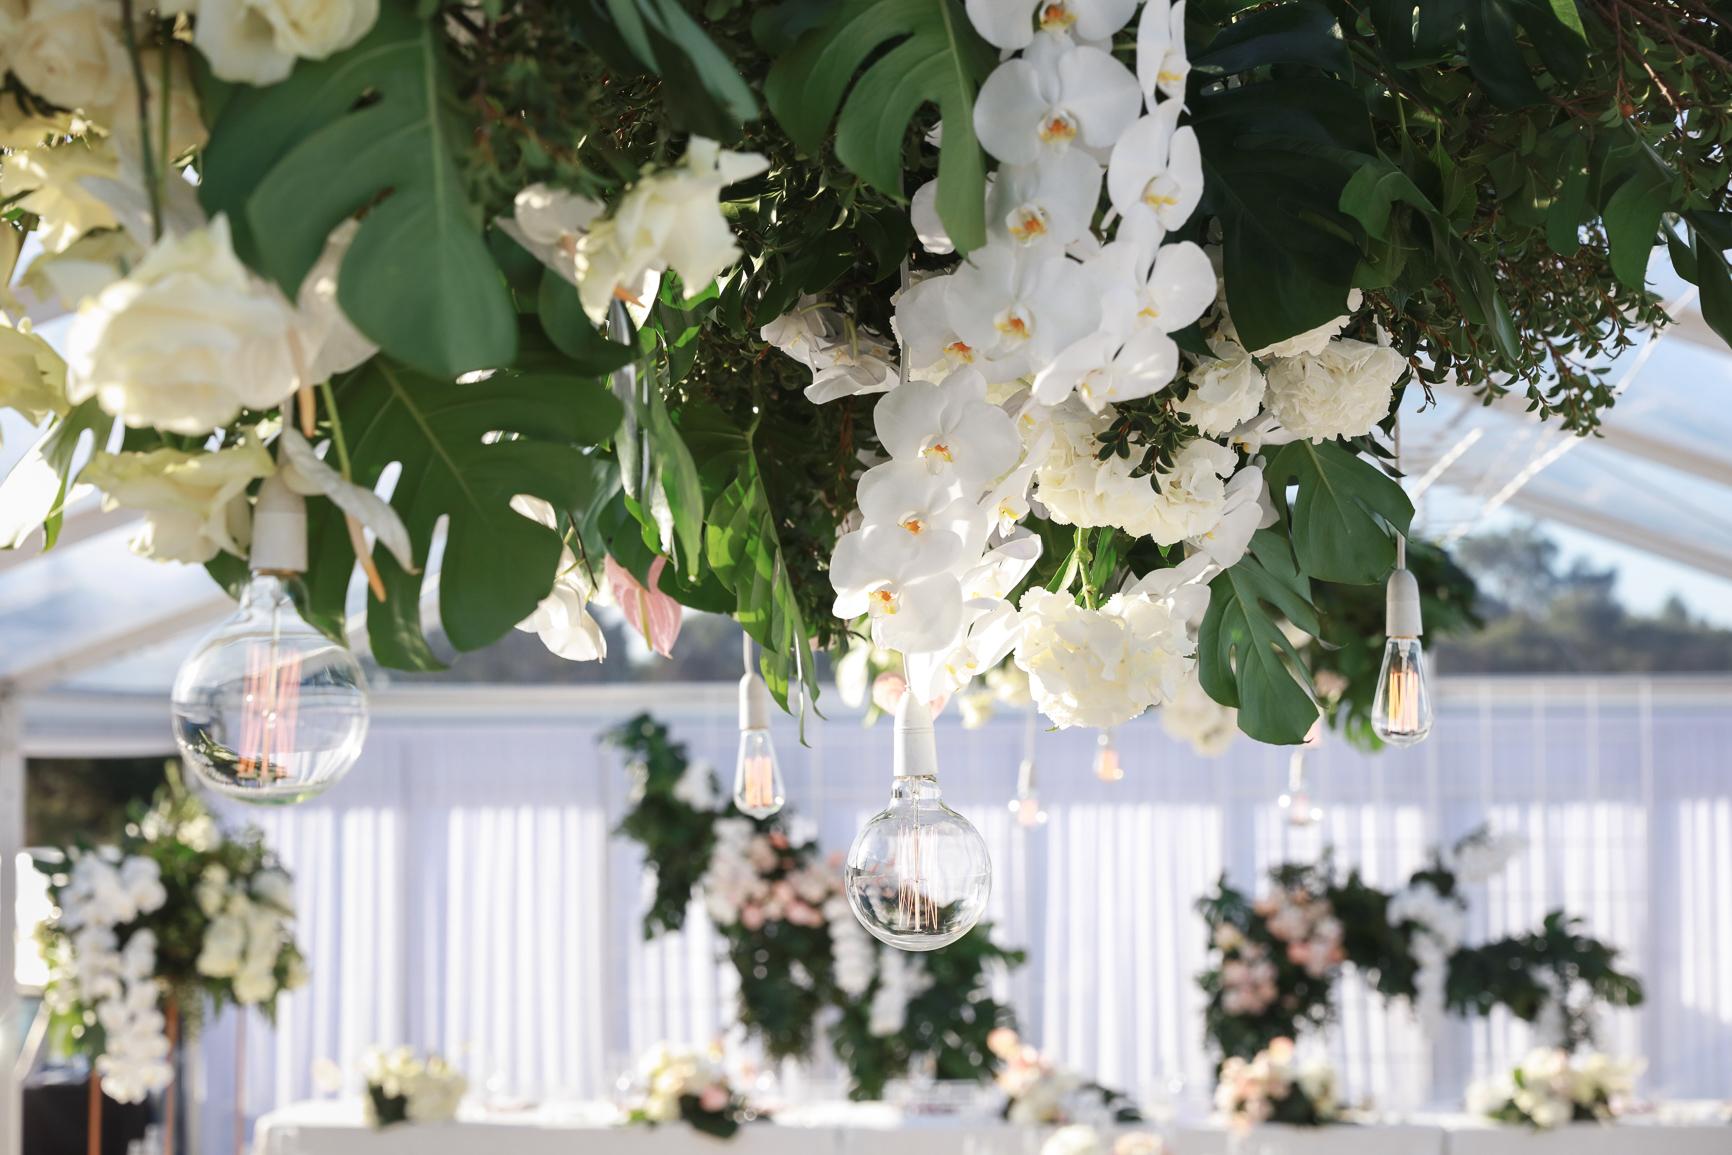 ©MichelleWeir-Blush-TaraIti-Wedding-72dpi-079.jpg